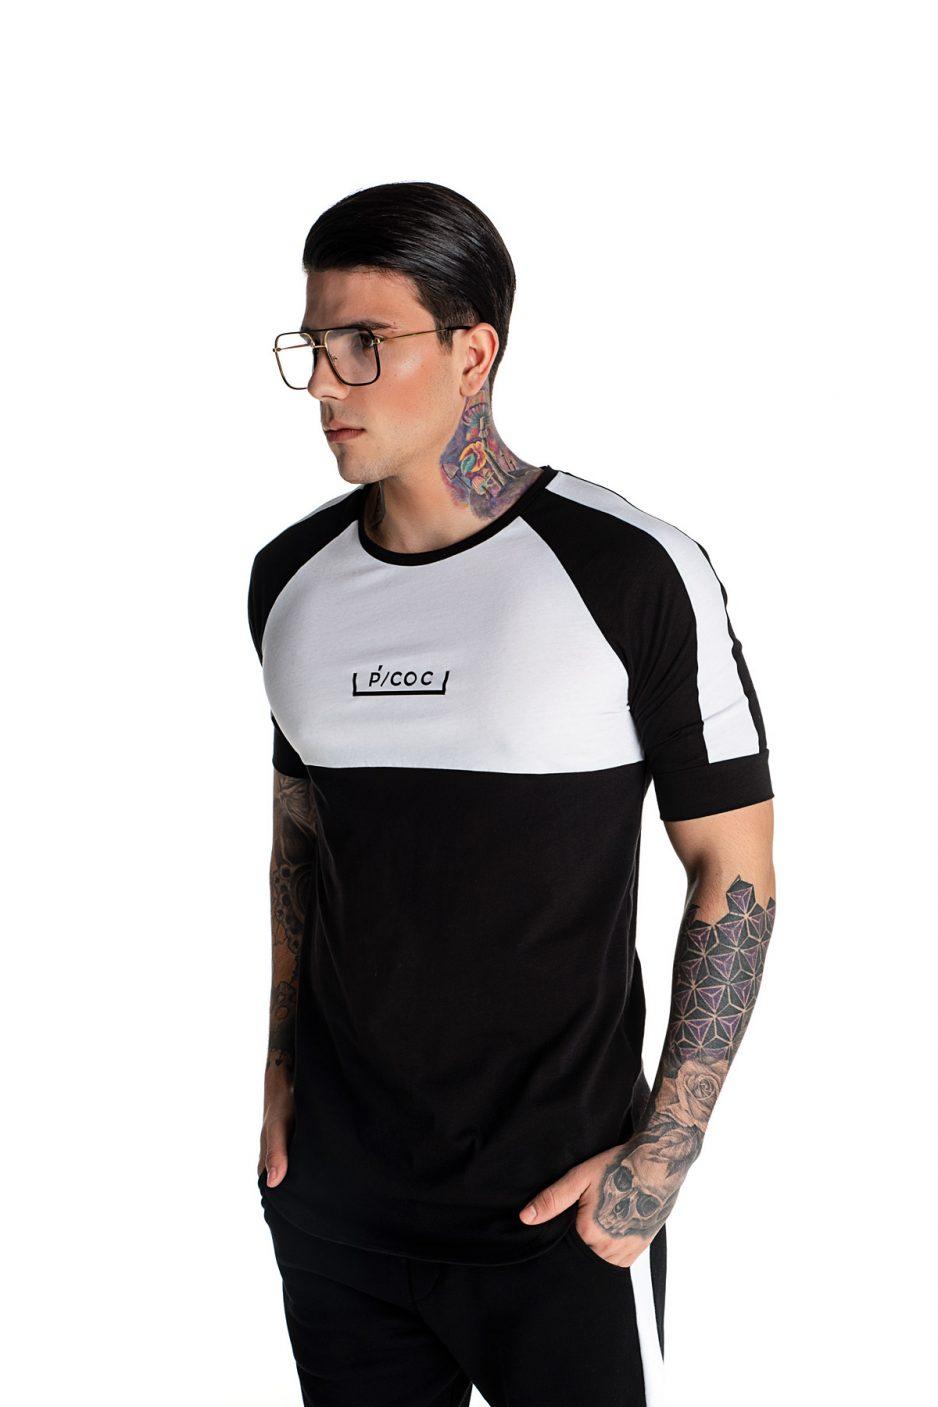 Ασπρόμαυρο t-shirt με λογότυπο μπροστά